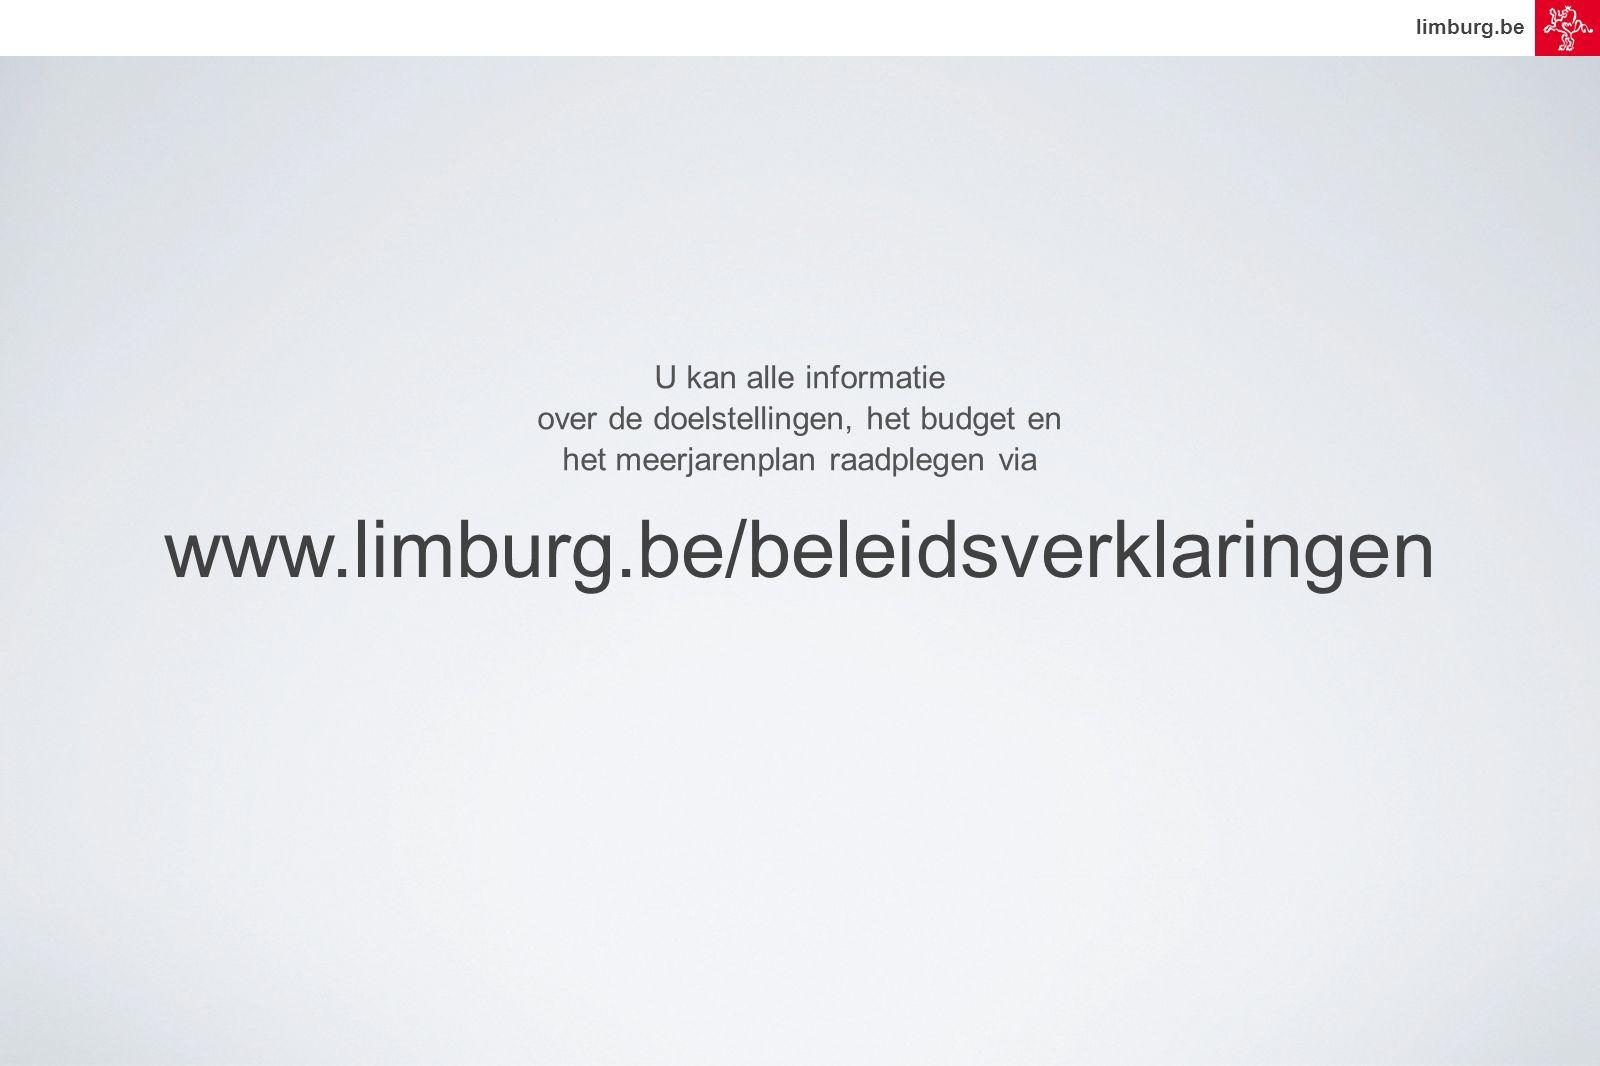 www.limburg.be/beleidsverklaringen U kan alle informatie over de doelstellingen, het budget en het meerjarenplan raadplegen via limburg.be